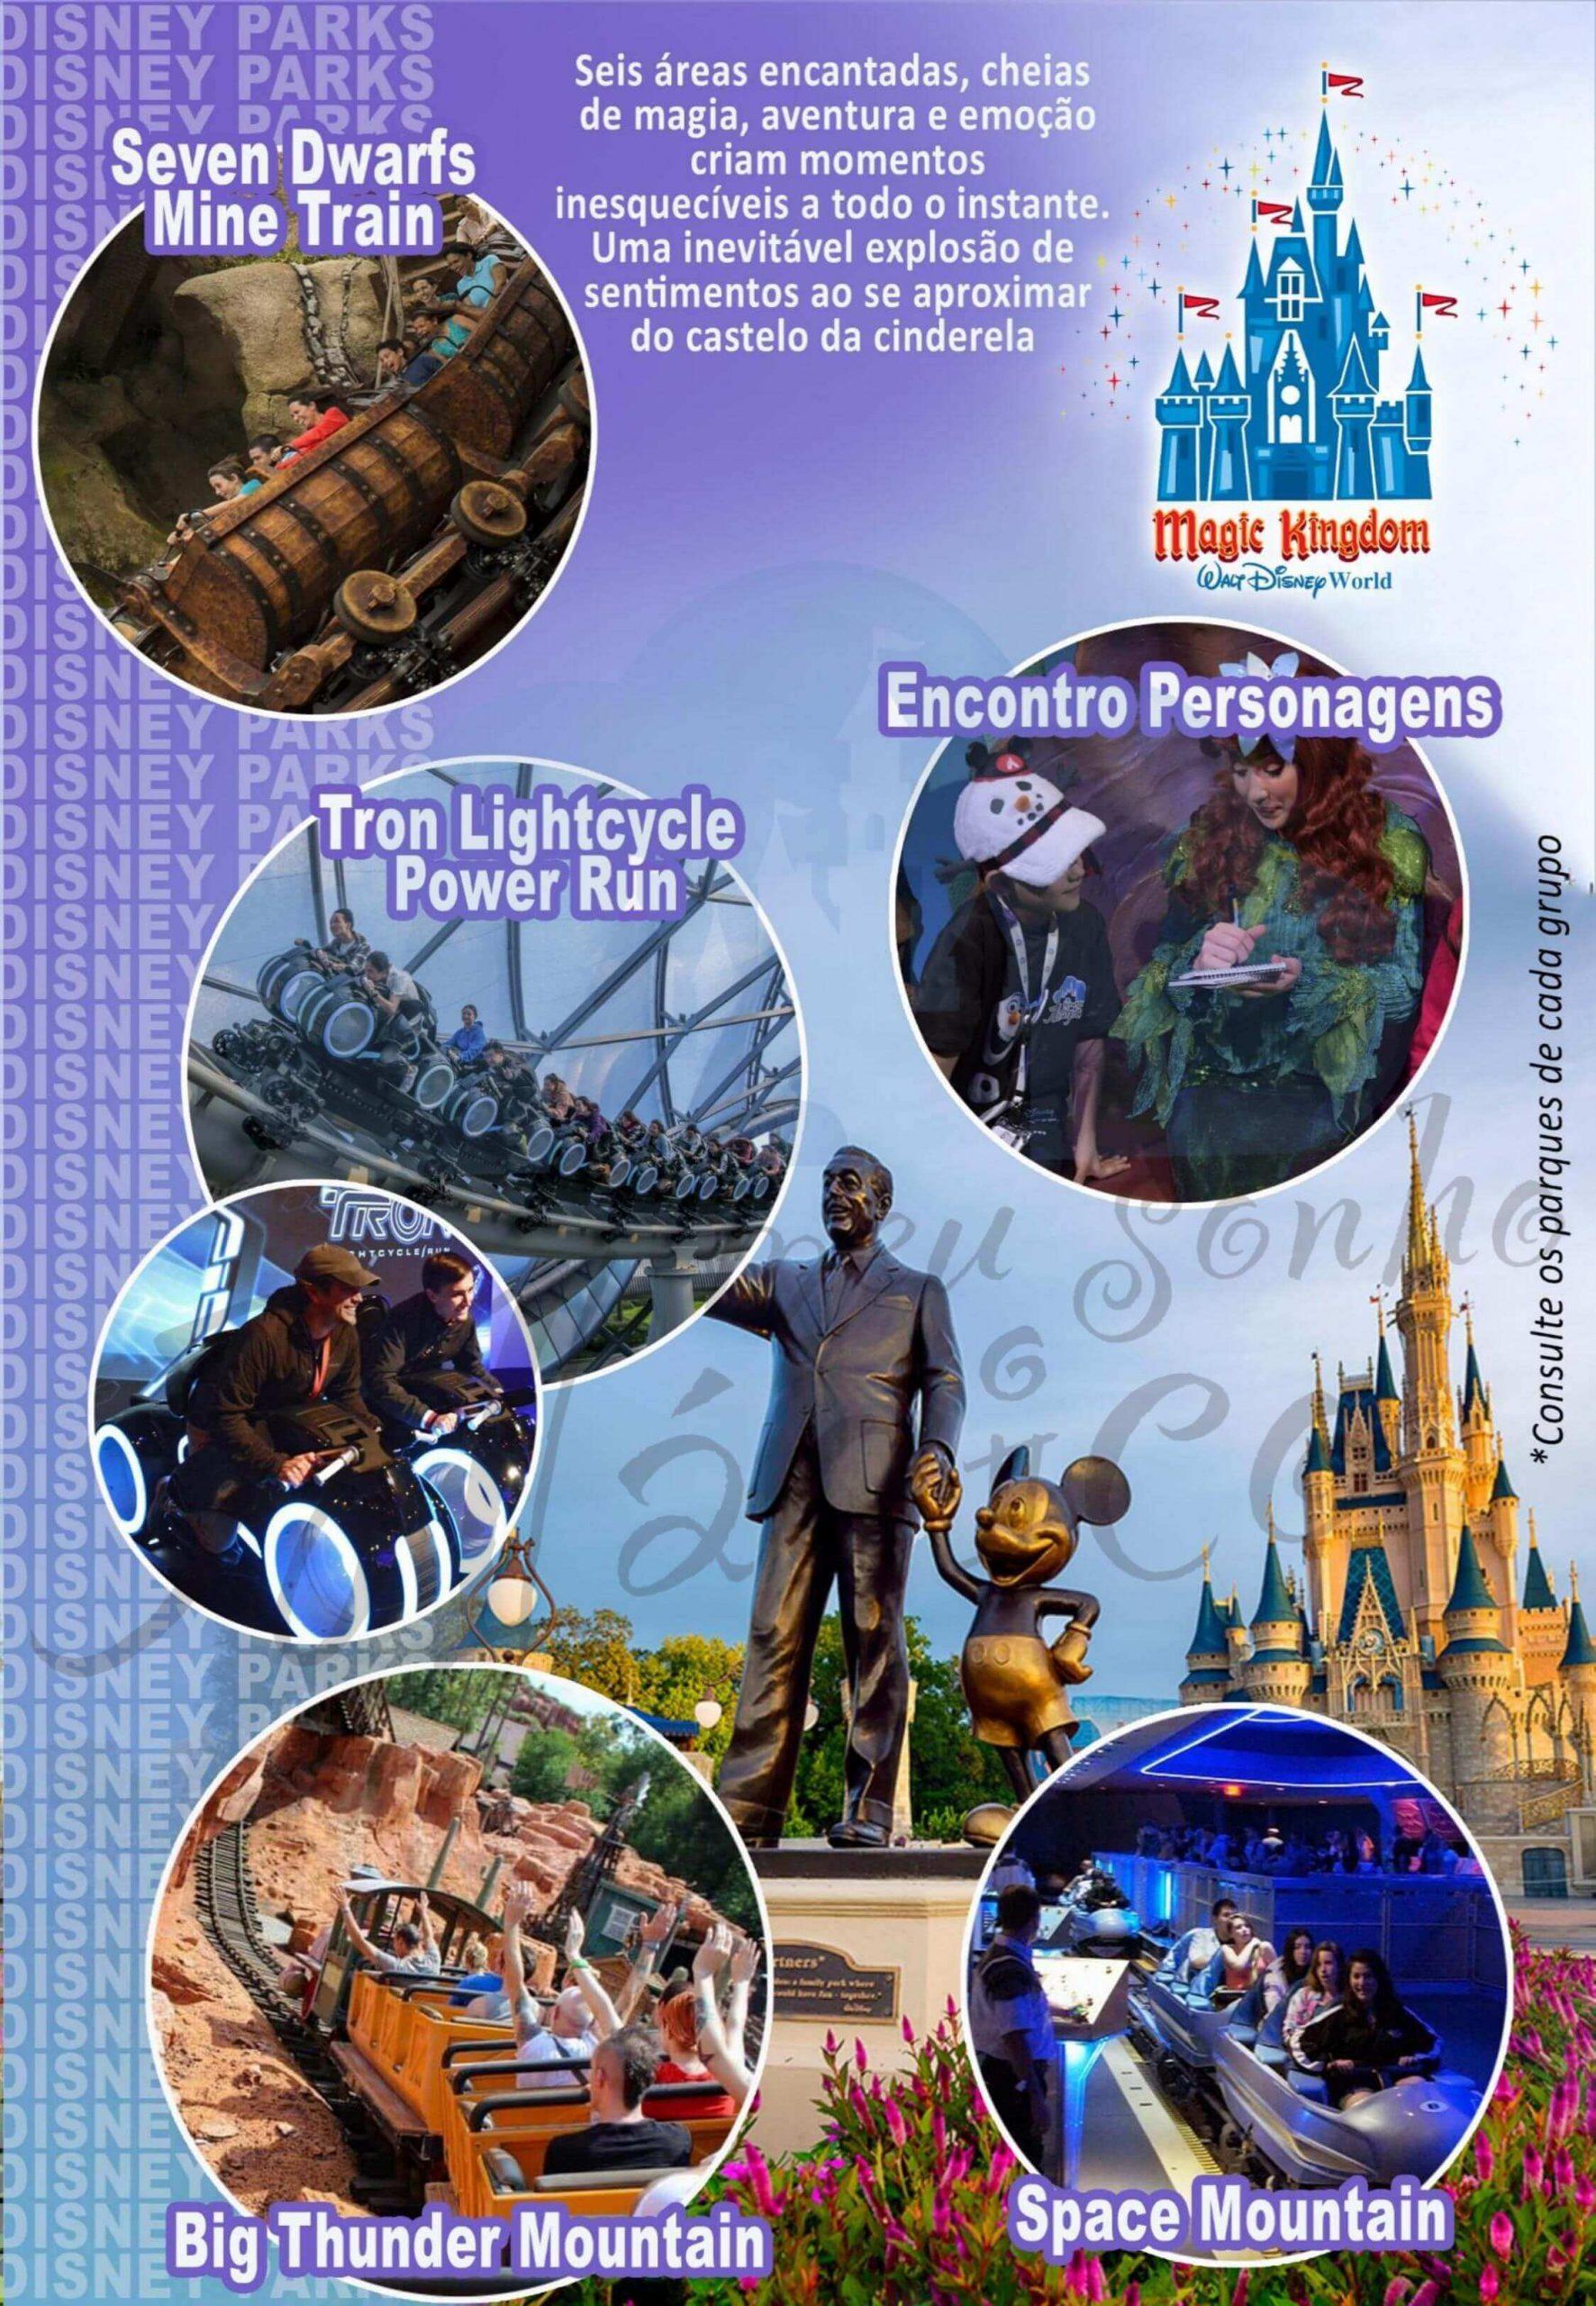 Grupo Family Verão - Disney Julho 2023 8